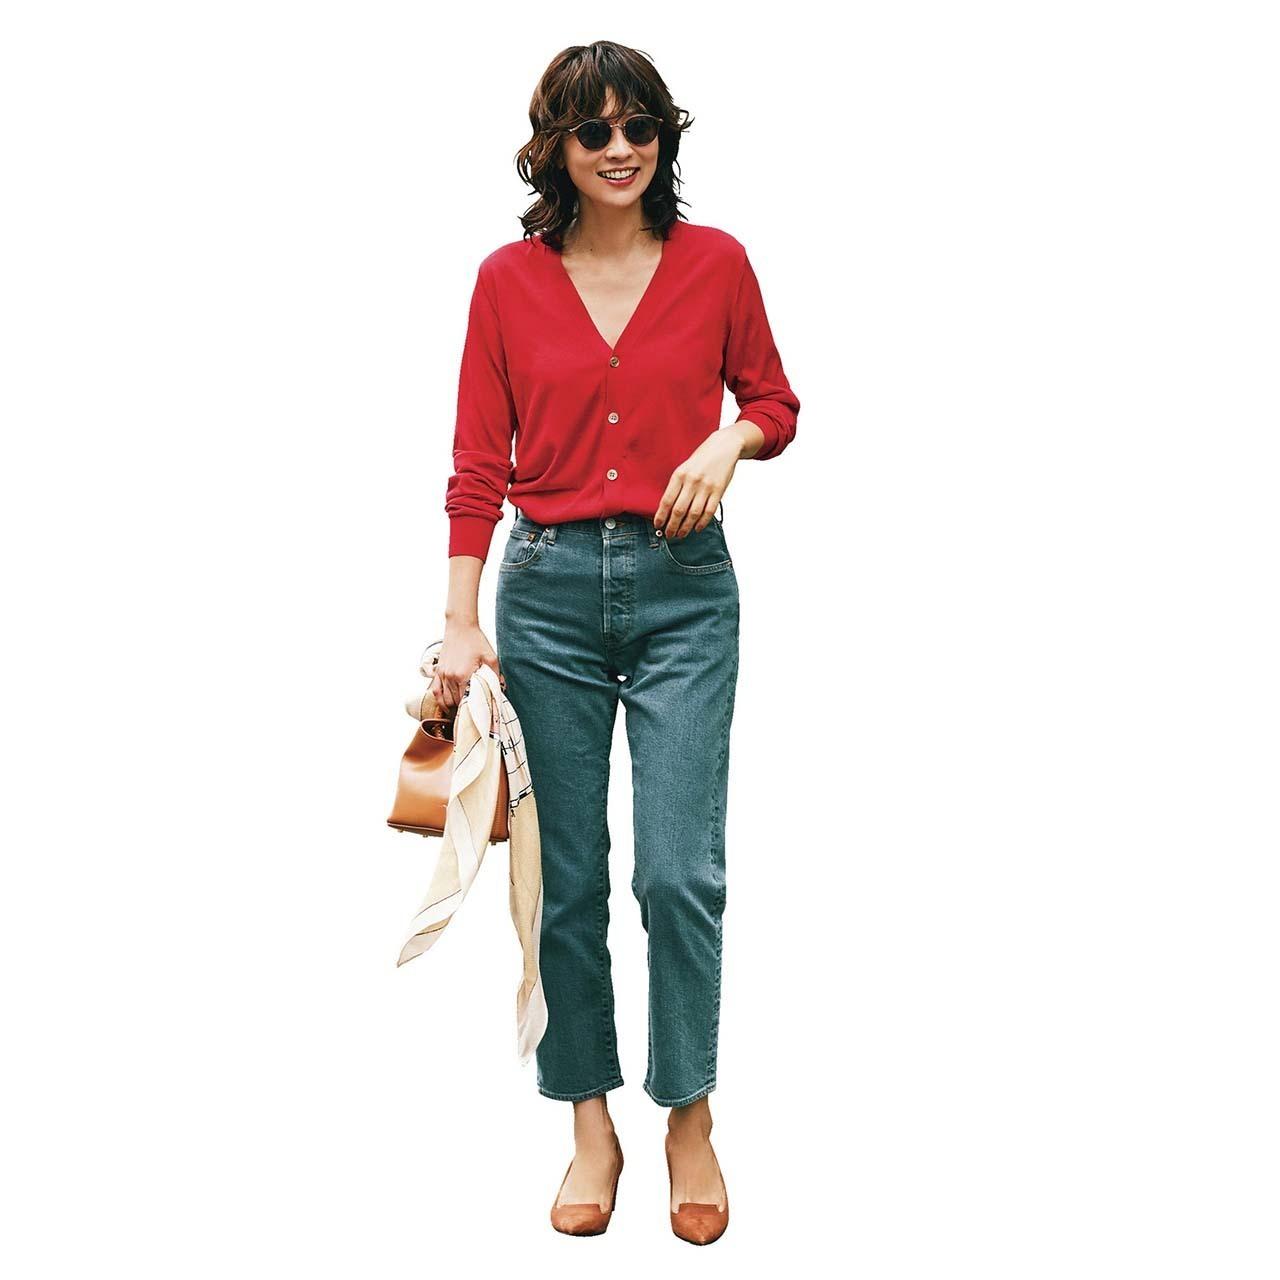 赤ニット×ブラックデニムのファッションコーデ